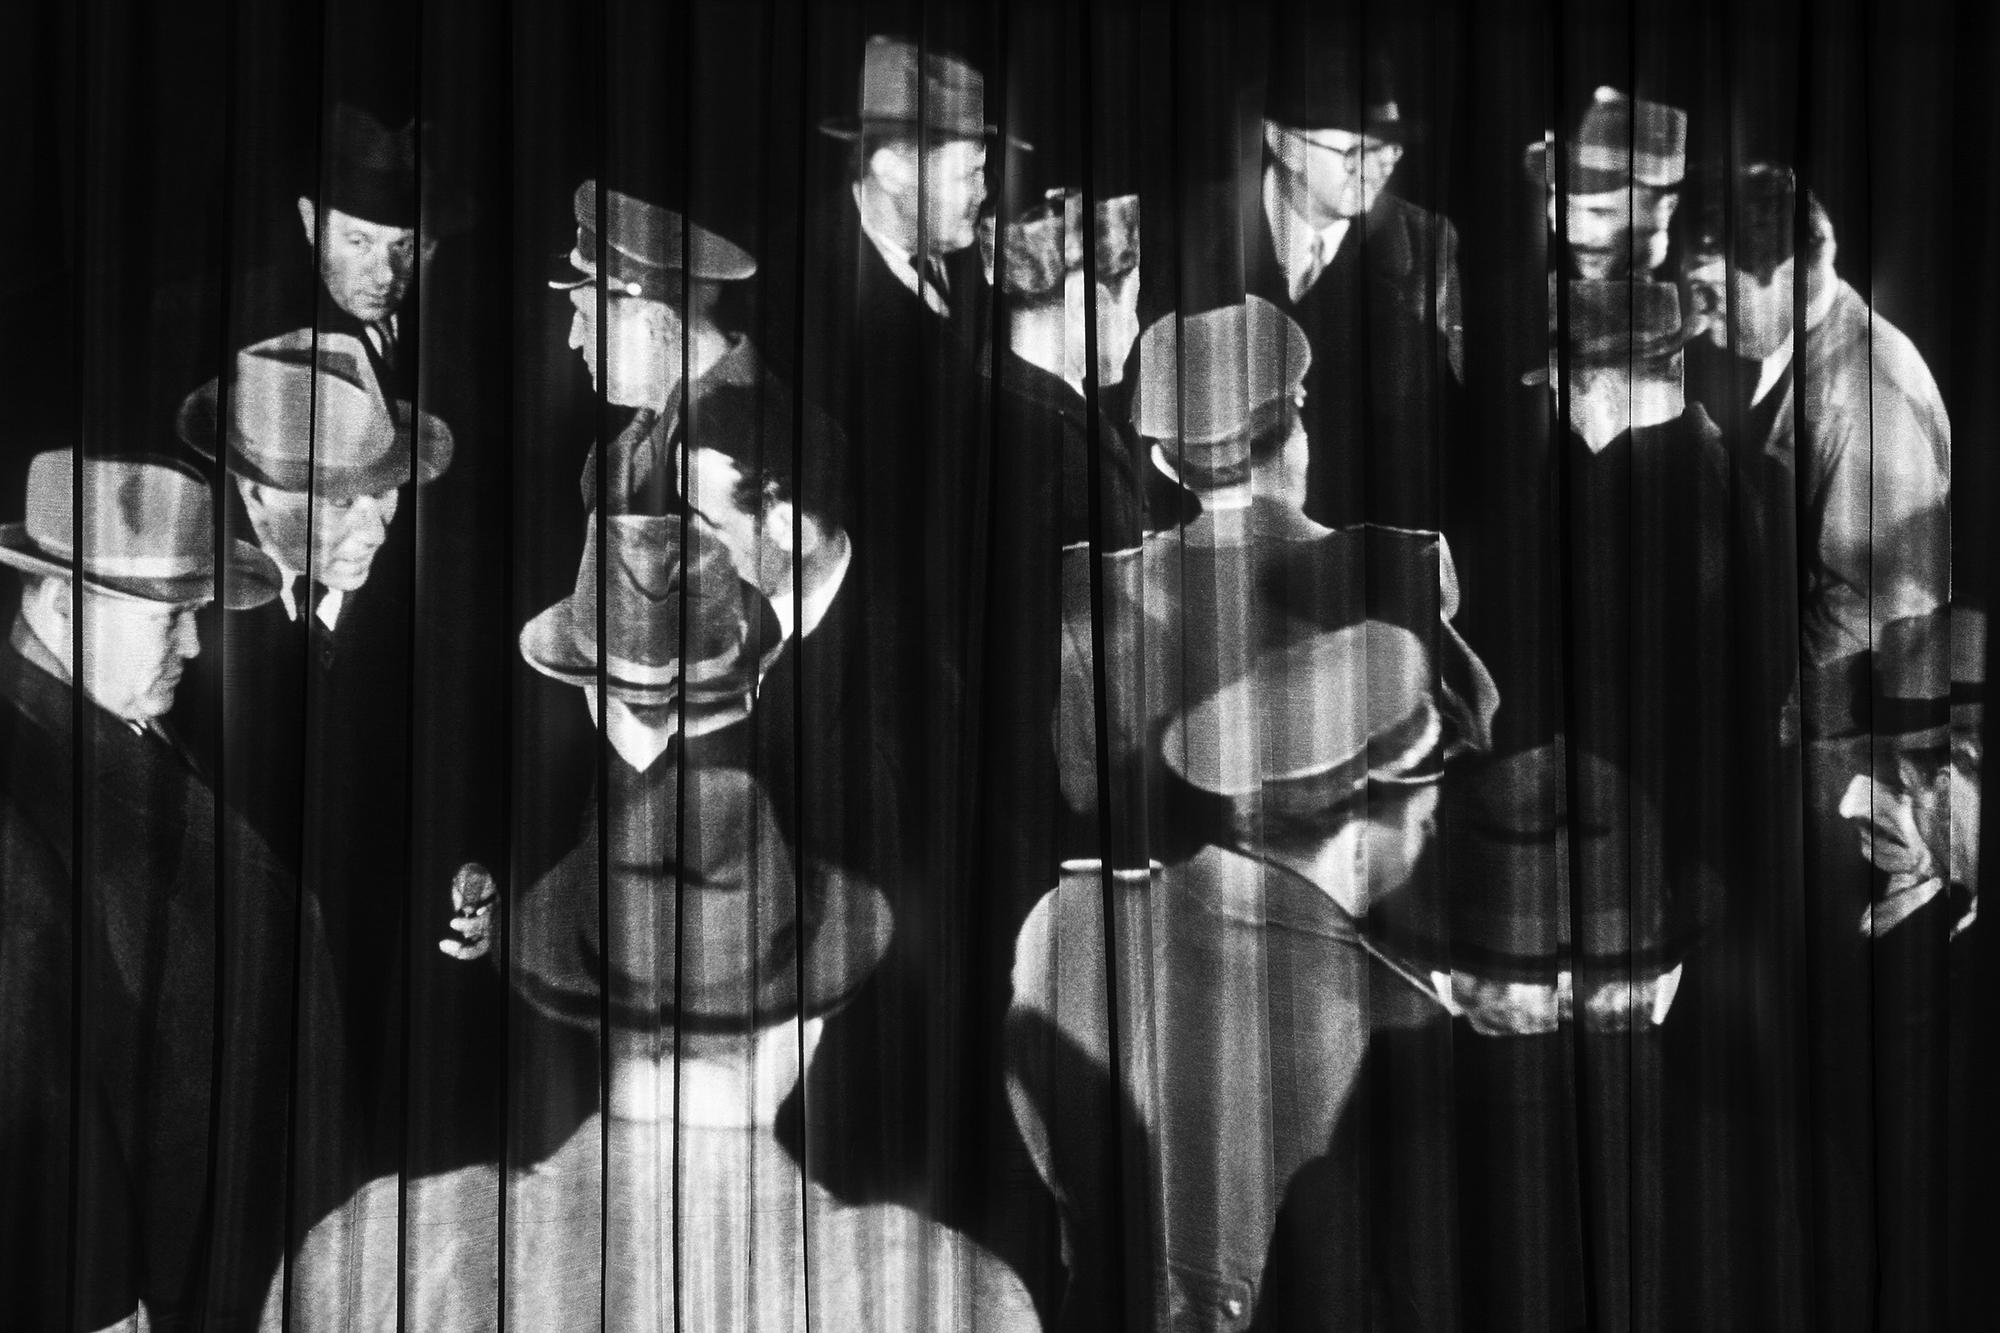 Fototeka (Projection Still III   ), Archival pigment print, 2015